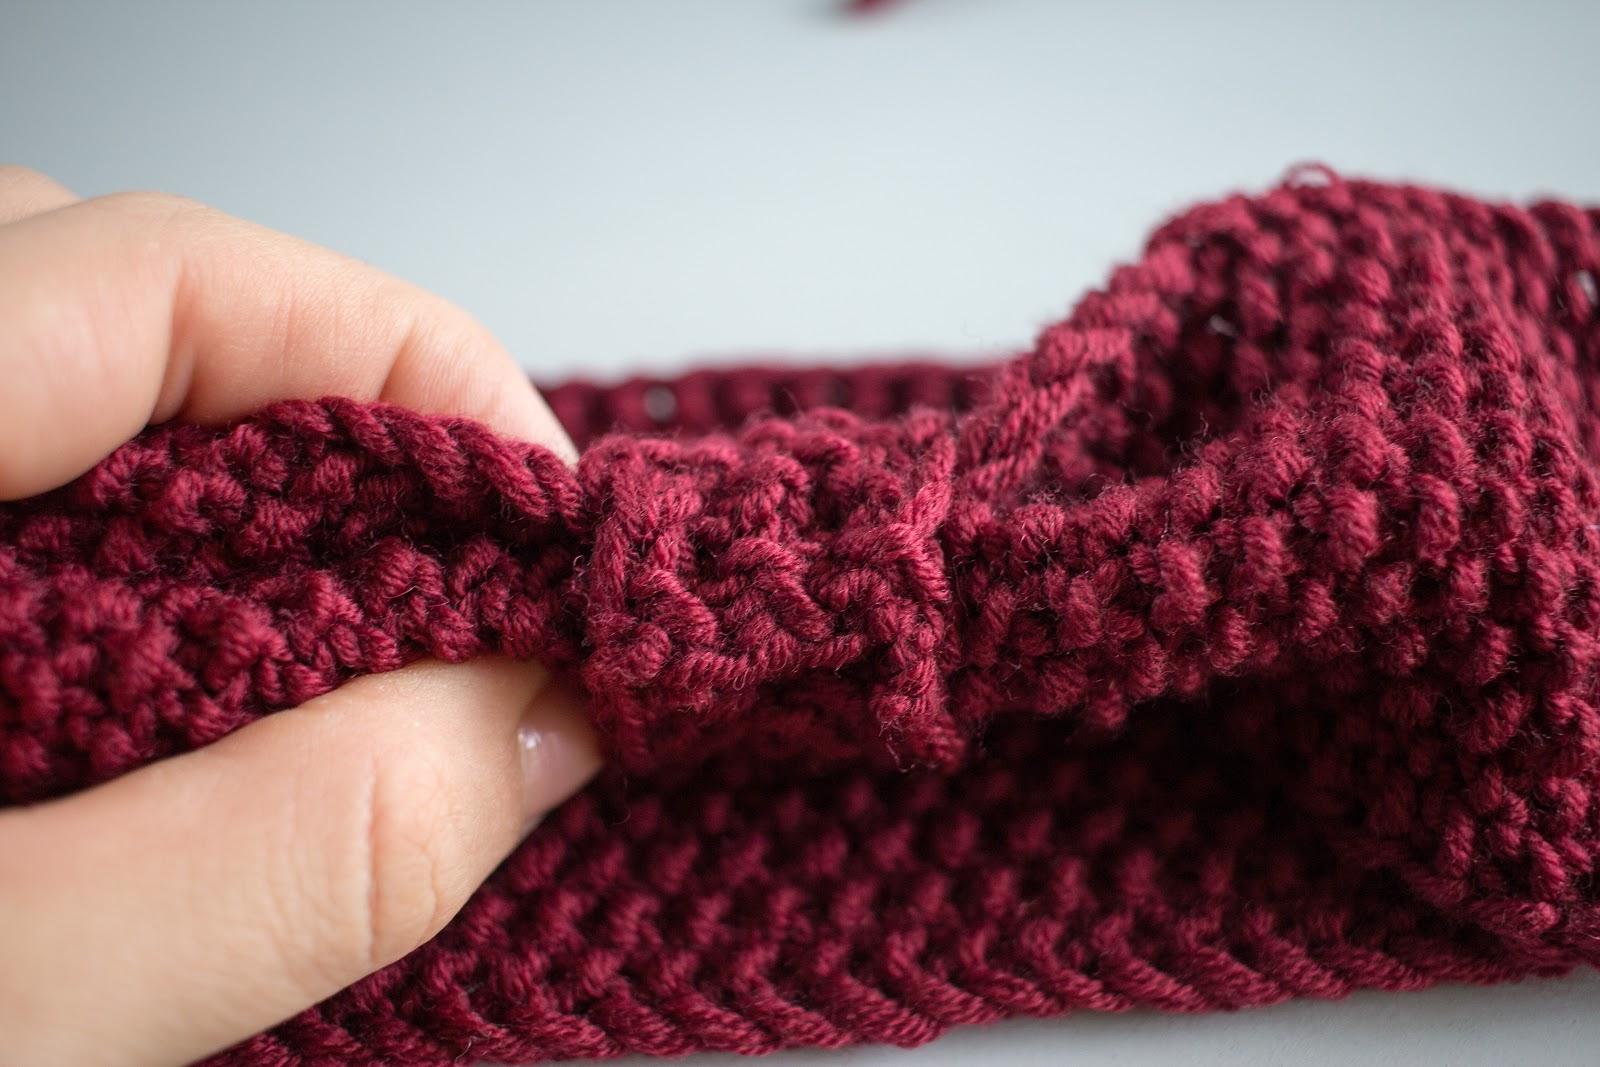 DIY - Stirnband - Perlmuster stricken - Haarband - Turban - selber machen - Anleitung - 09